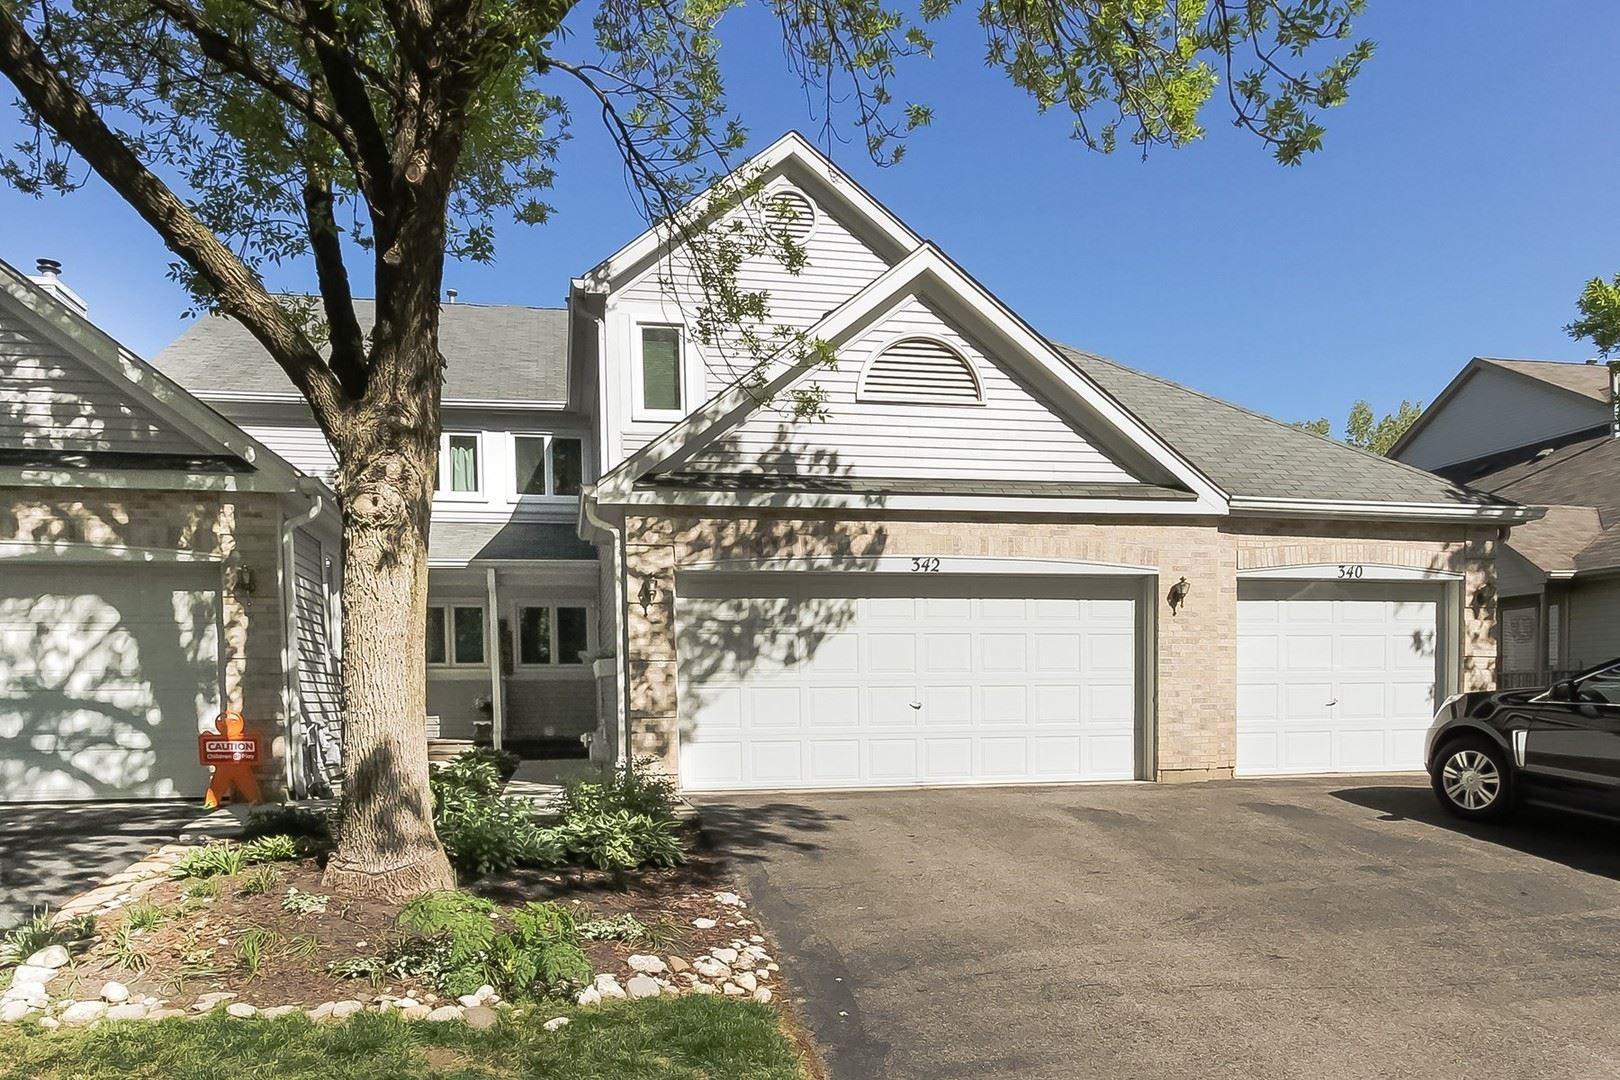 342 Bristol Lane, Fox River Grove, IL 60021 - #: 11086704